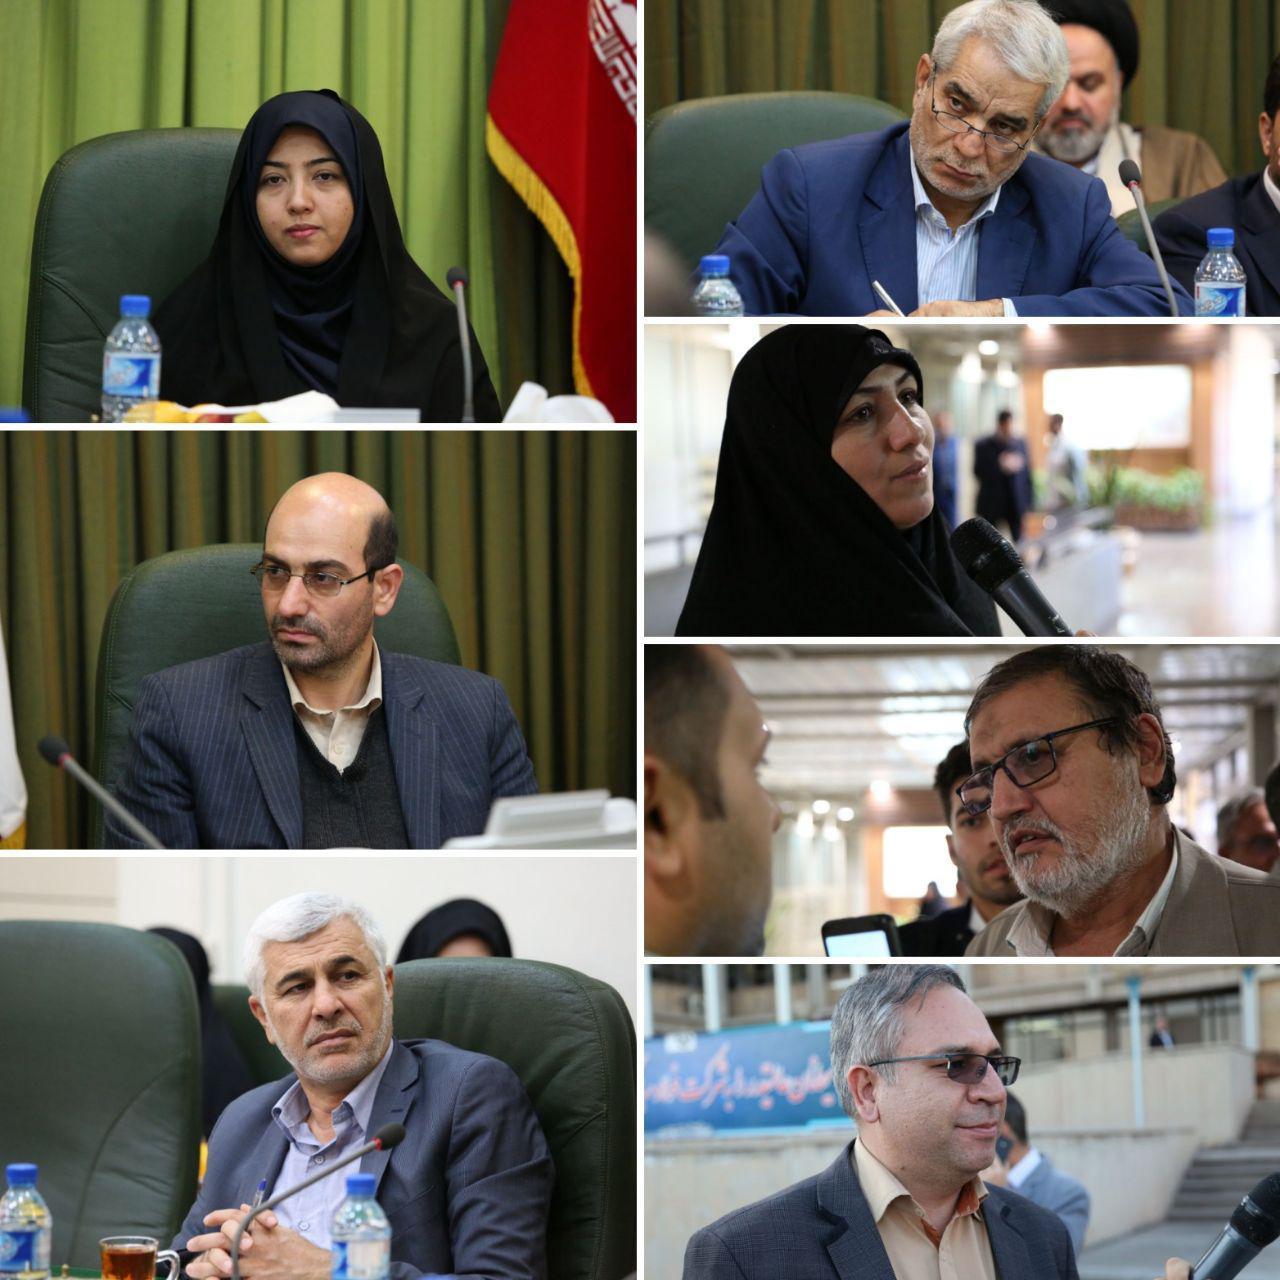 اعلام حمایت مجمع نمایندگان برای اجرایی شدن خط نورد گرم شماره 2 فولاد مبارکه